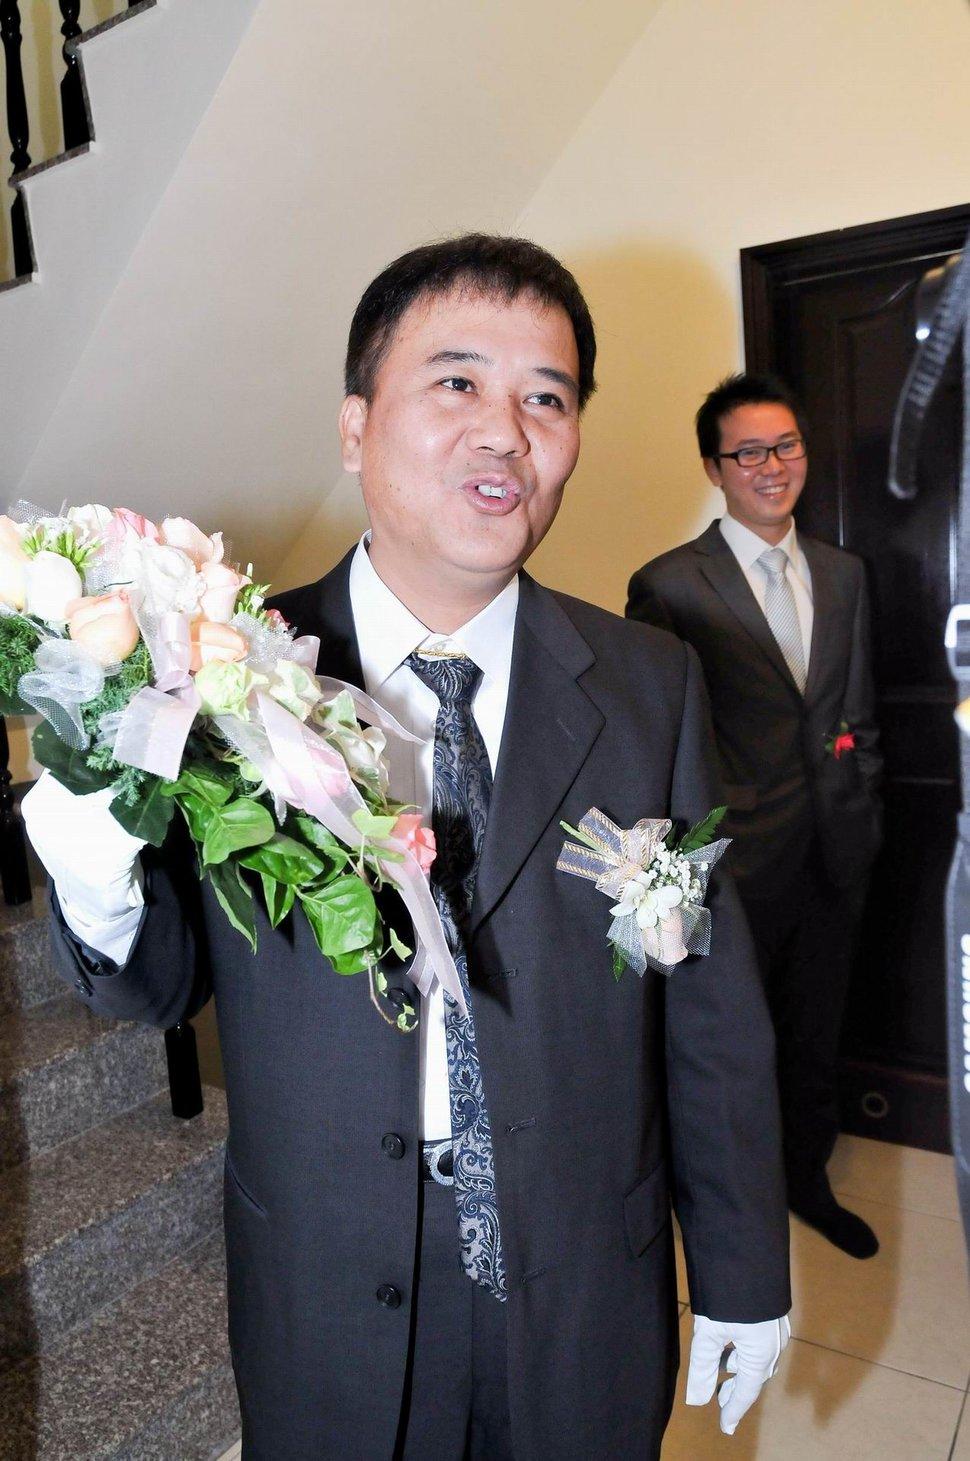 專業婚攝婚禮紀錄婚禮紀錄專業錄影婚禮錄影婚禮記錄動態微電影錄影專業錄影平面攝影婚攝婚禮主持人(編號:280414) - 蜜月拍照10800錄影12800攝影團隊 - 結婚吧